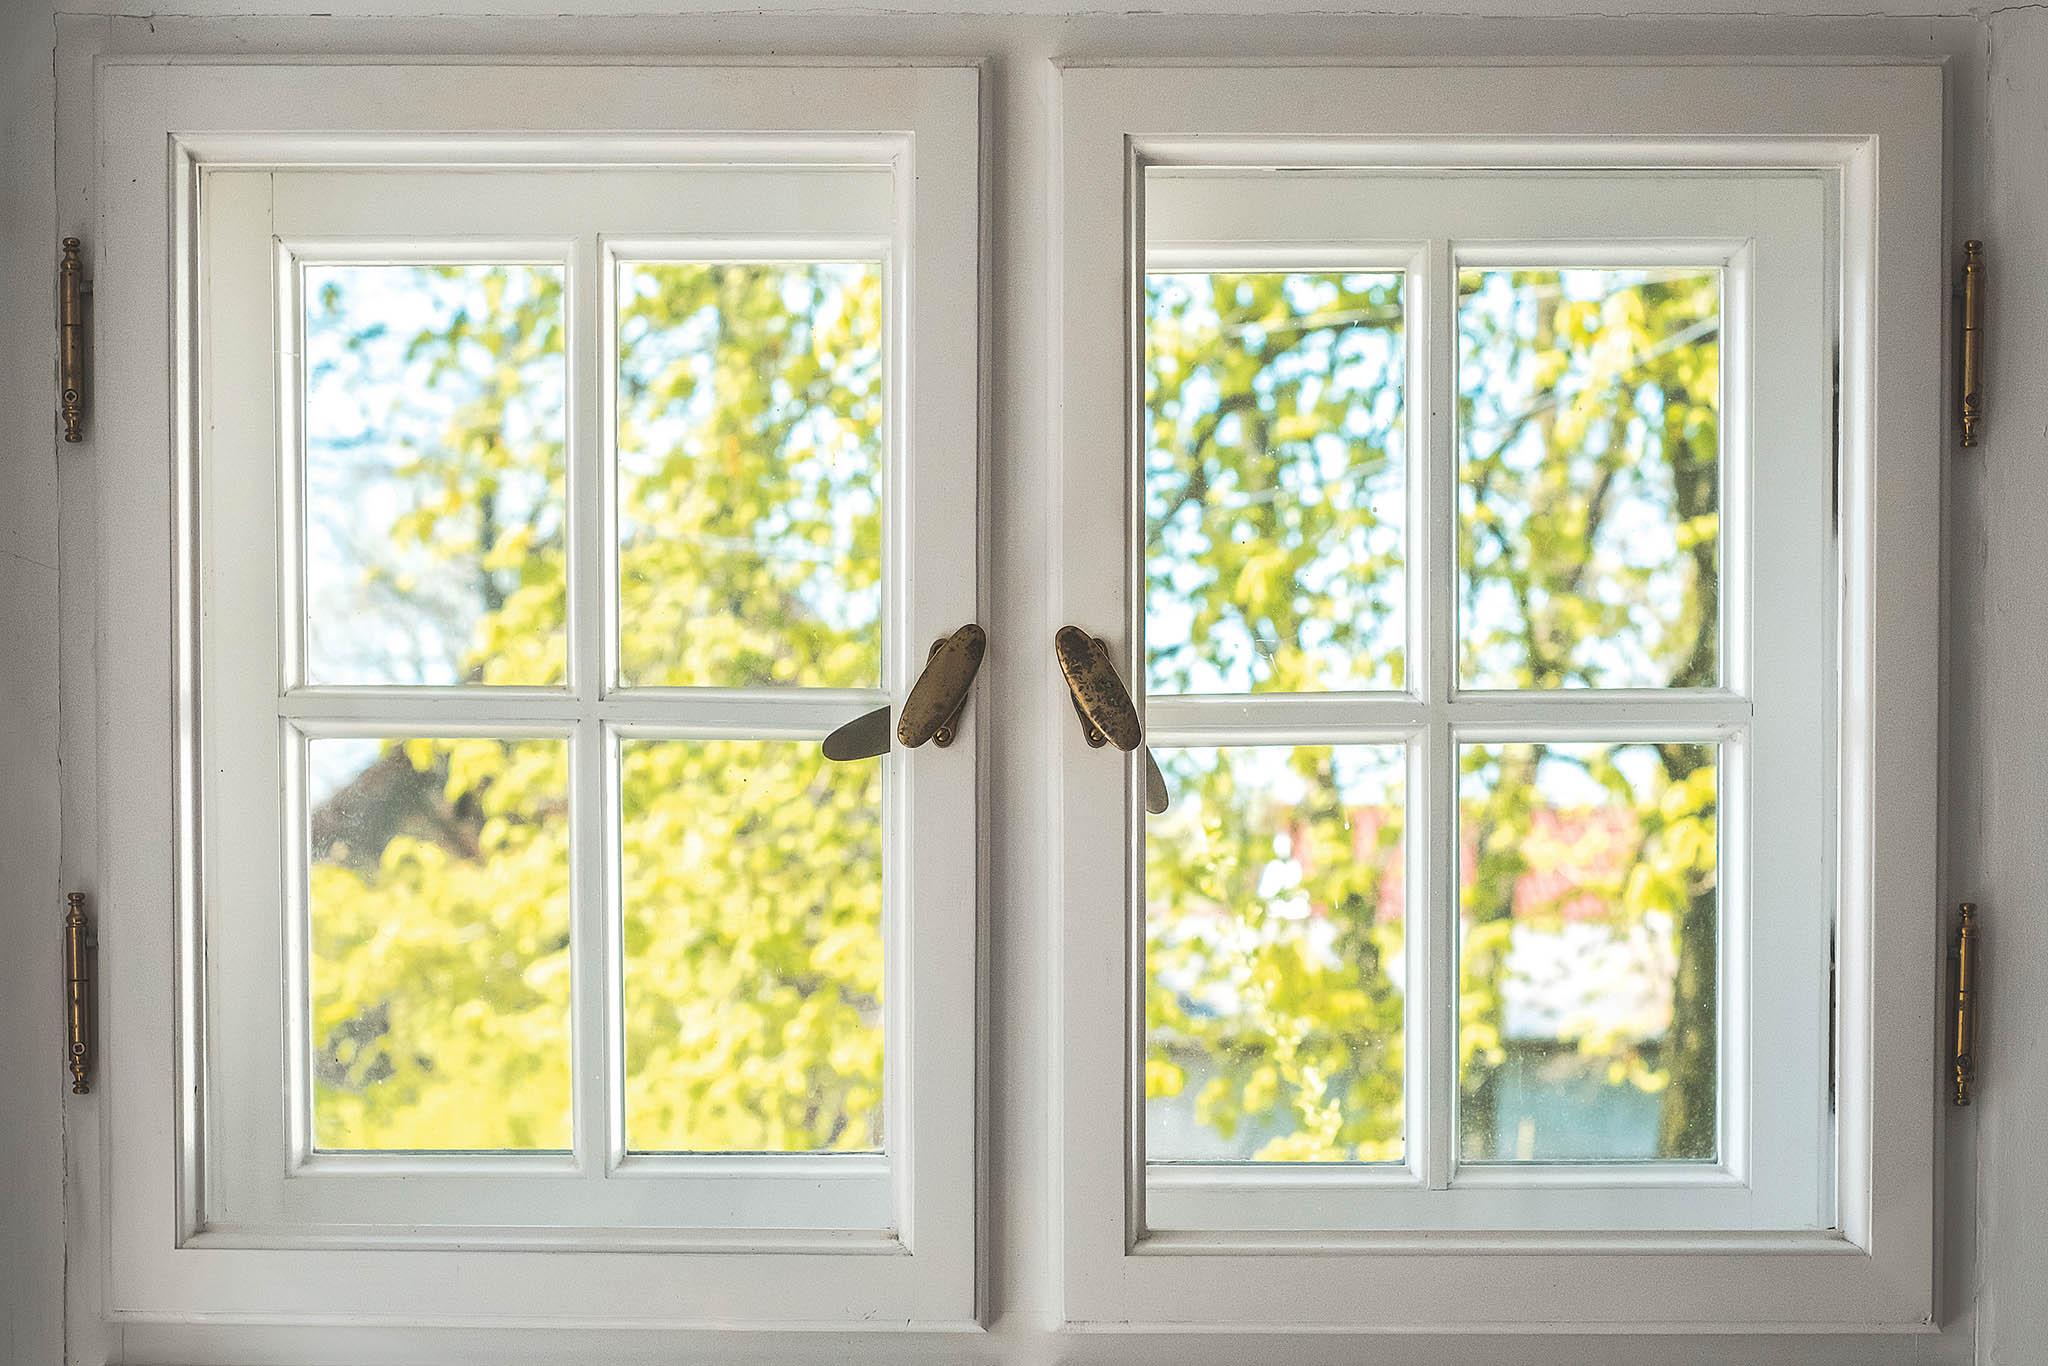 Uméně poškozených oken stačí jen vyspravení křídel, ujiných je zapotřebí vyměnit spodní část nebo icelý rám.